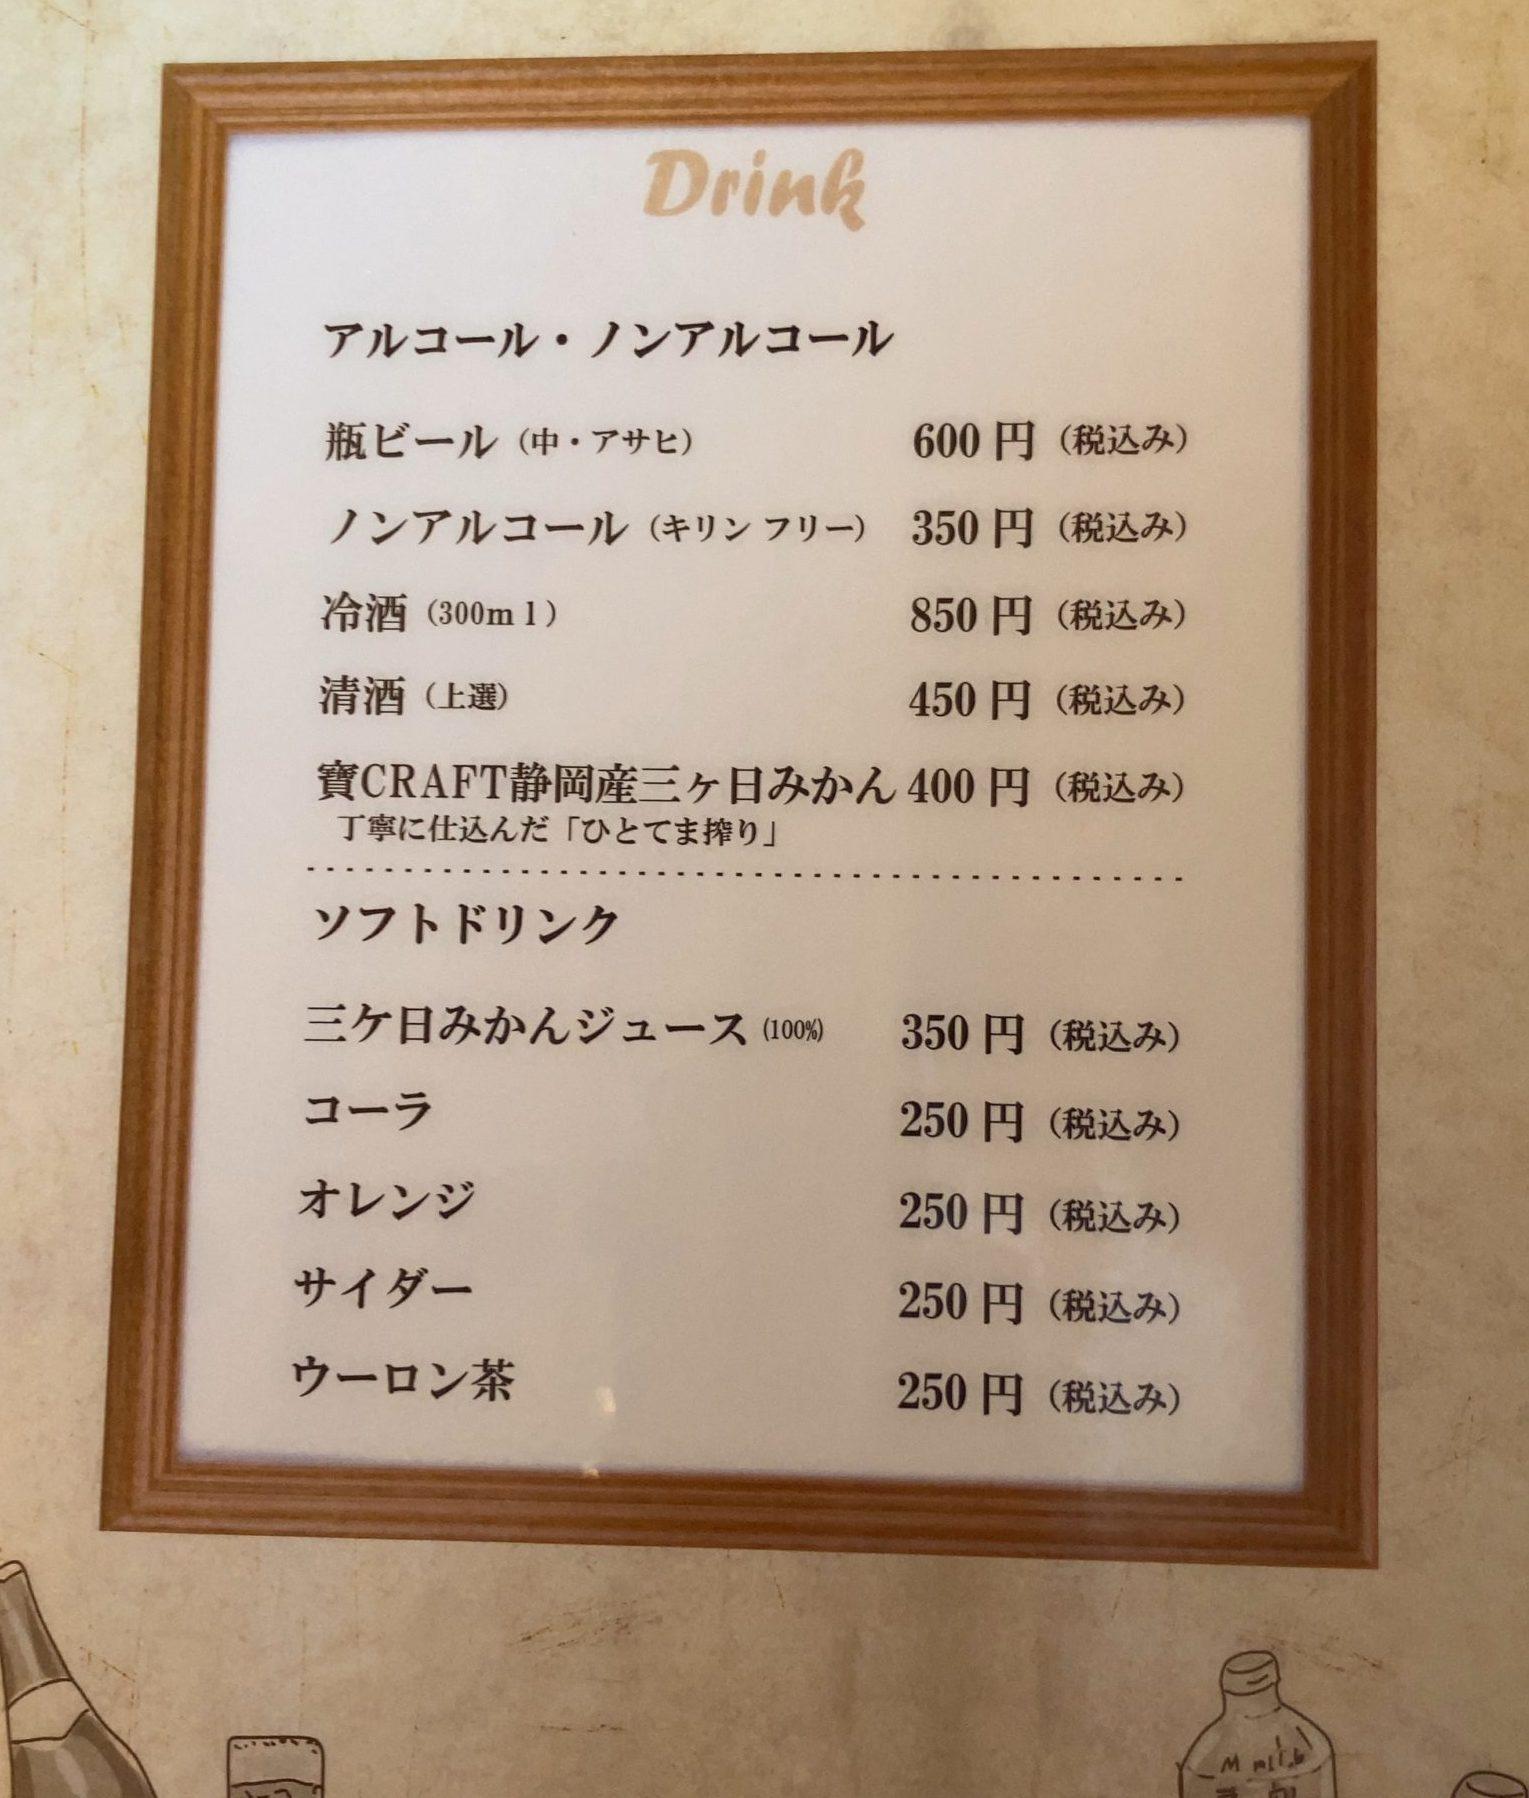 うなぎ千草/ドリンクメニュー